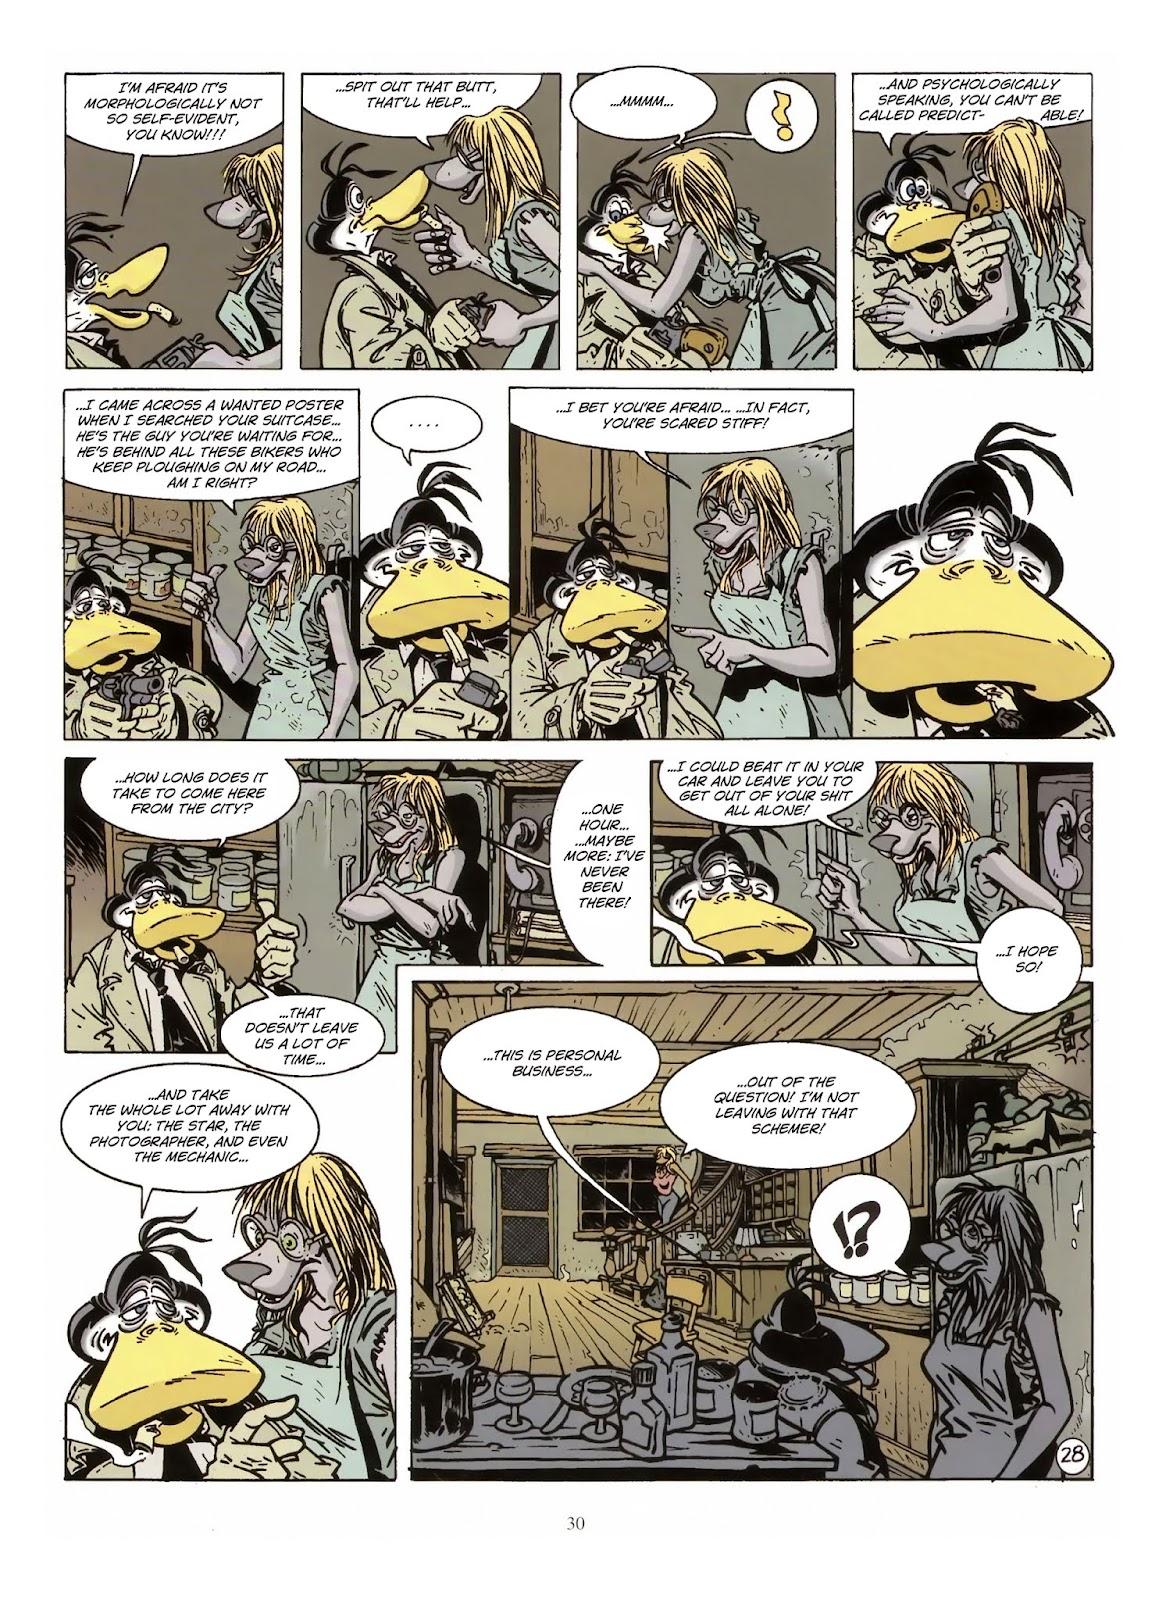 Une enquête de l'inspecteur Canardo issue 10 - Page 31